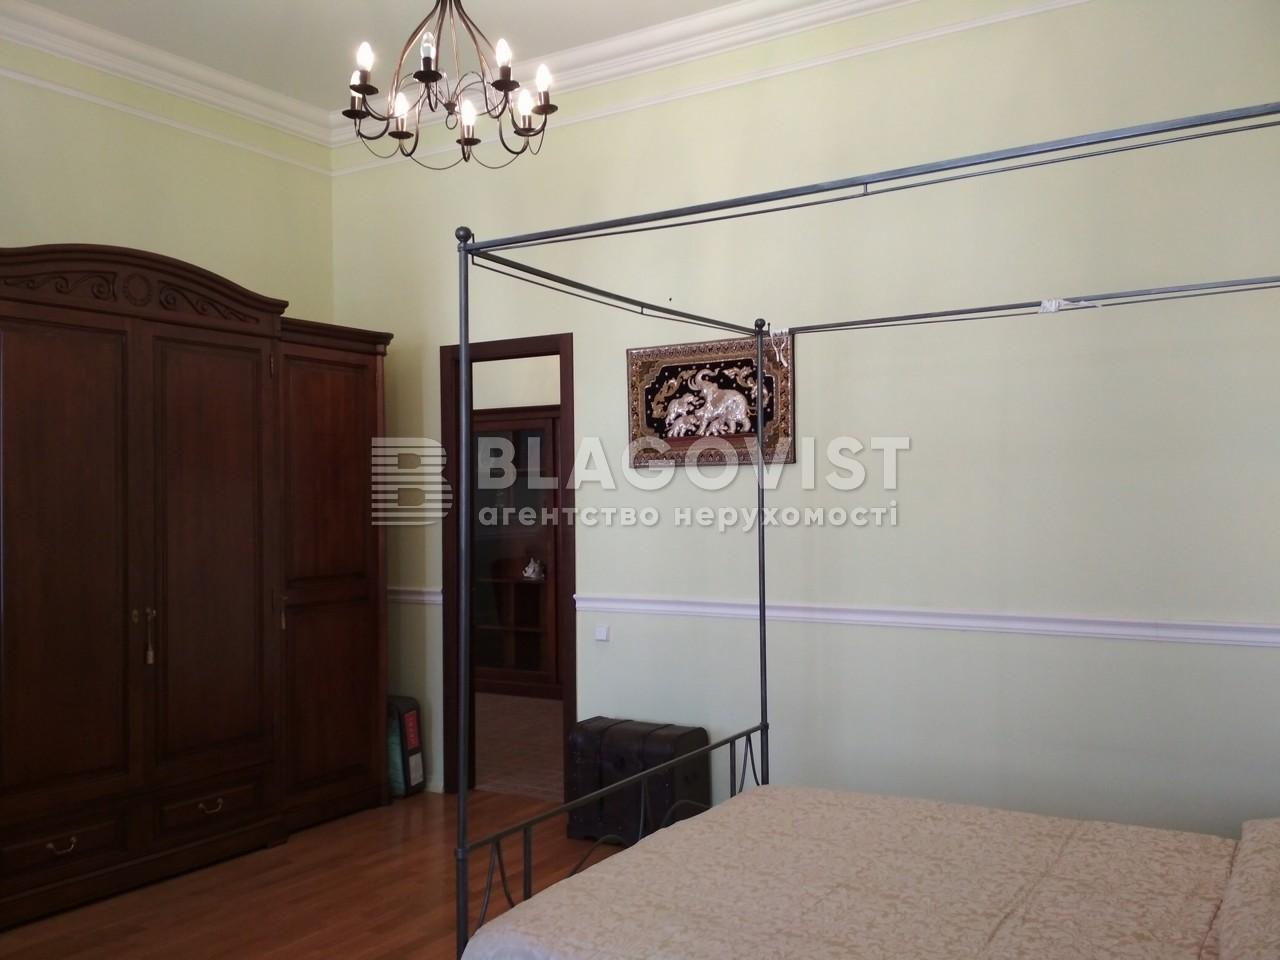 Квартира F-13083, Ярославов Вал, 17б, Киев - Фото 8